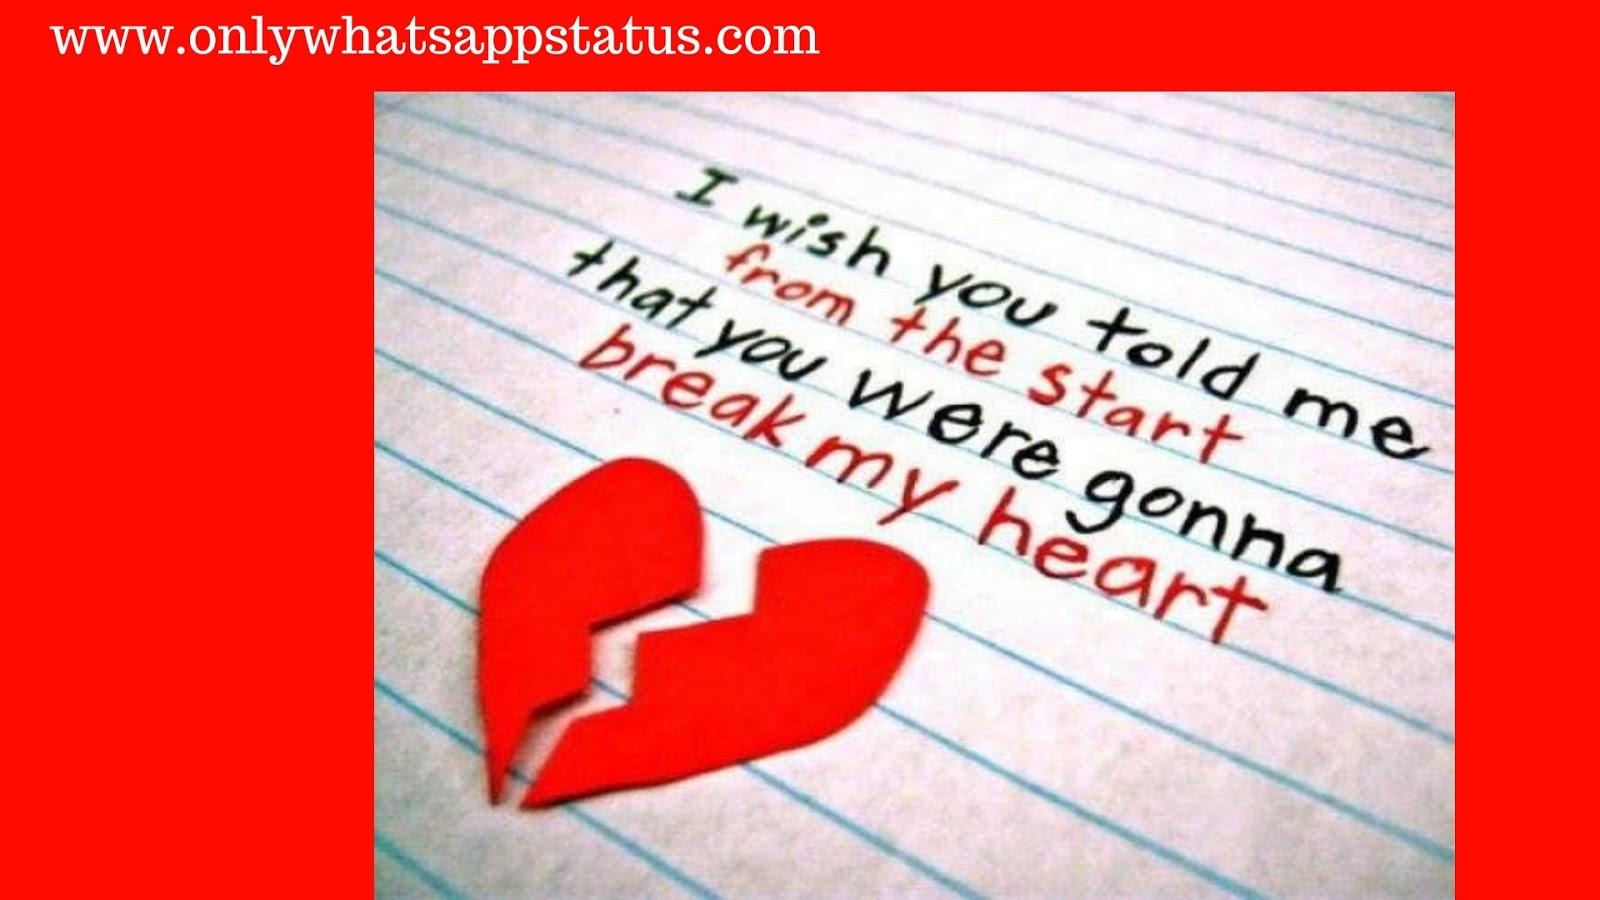 200 whatsapp status lovelove quotesfb status